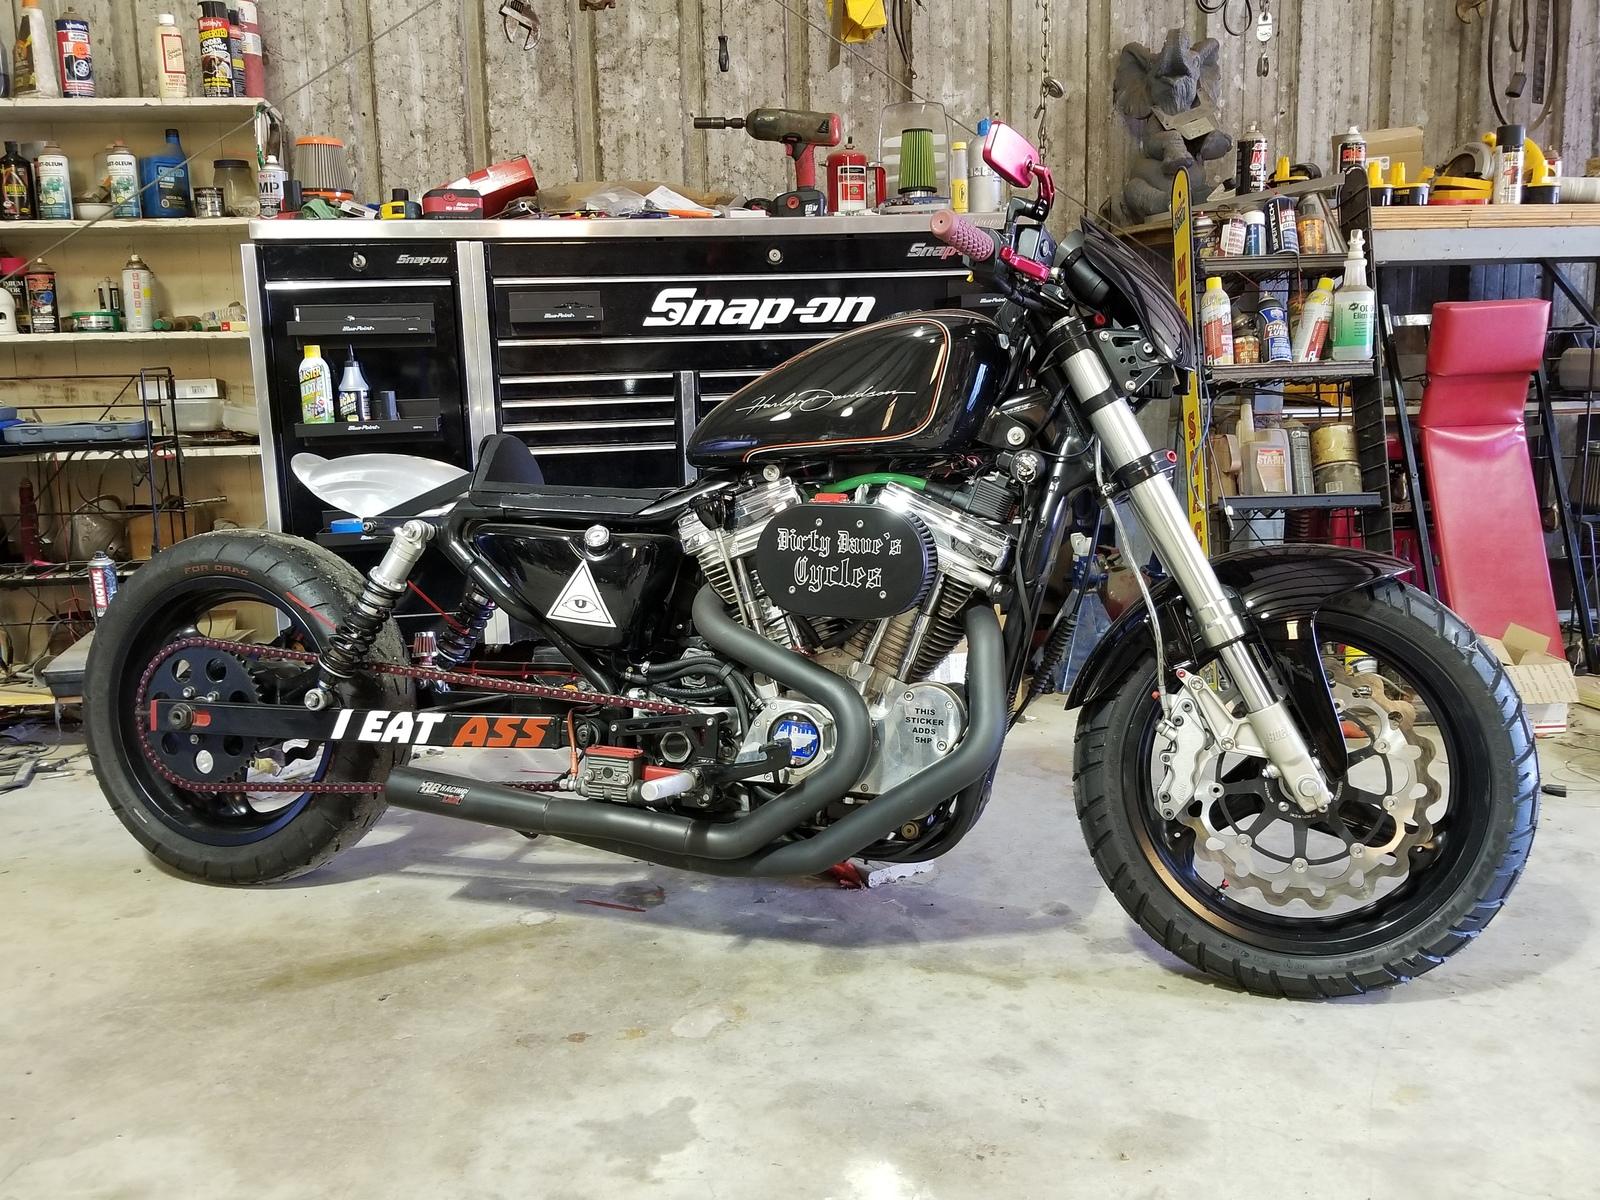 2002 Harley-Davidson Sportster 883 1/4 mile trap speeds 0-60